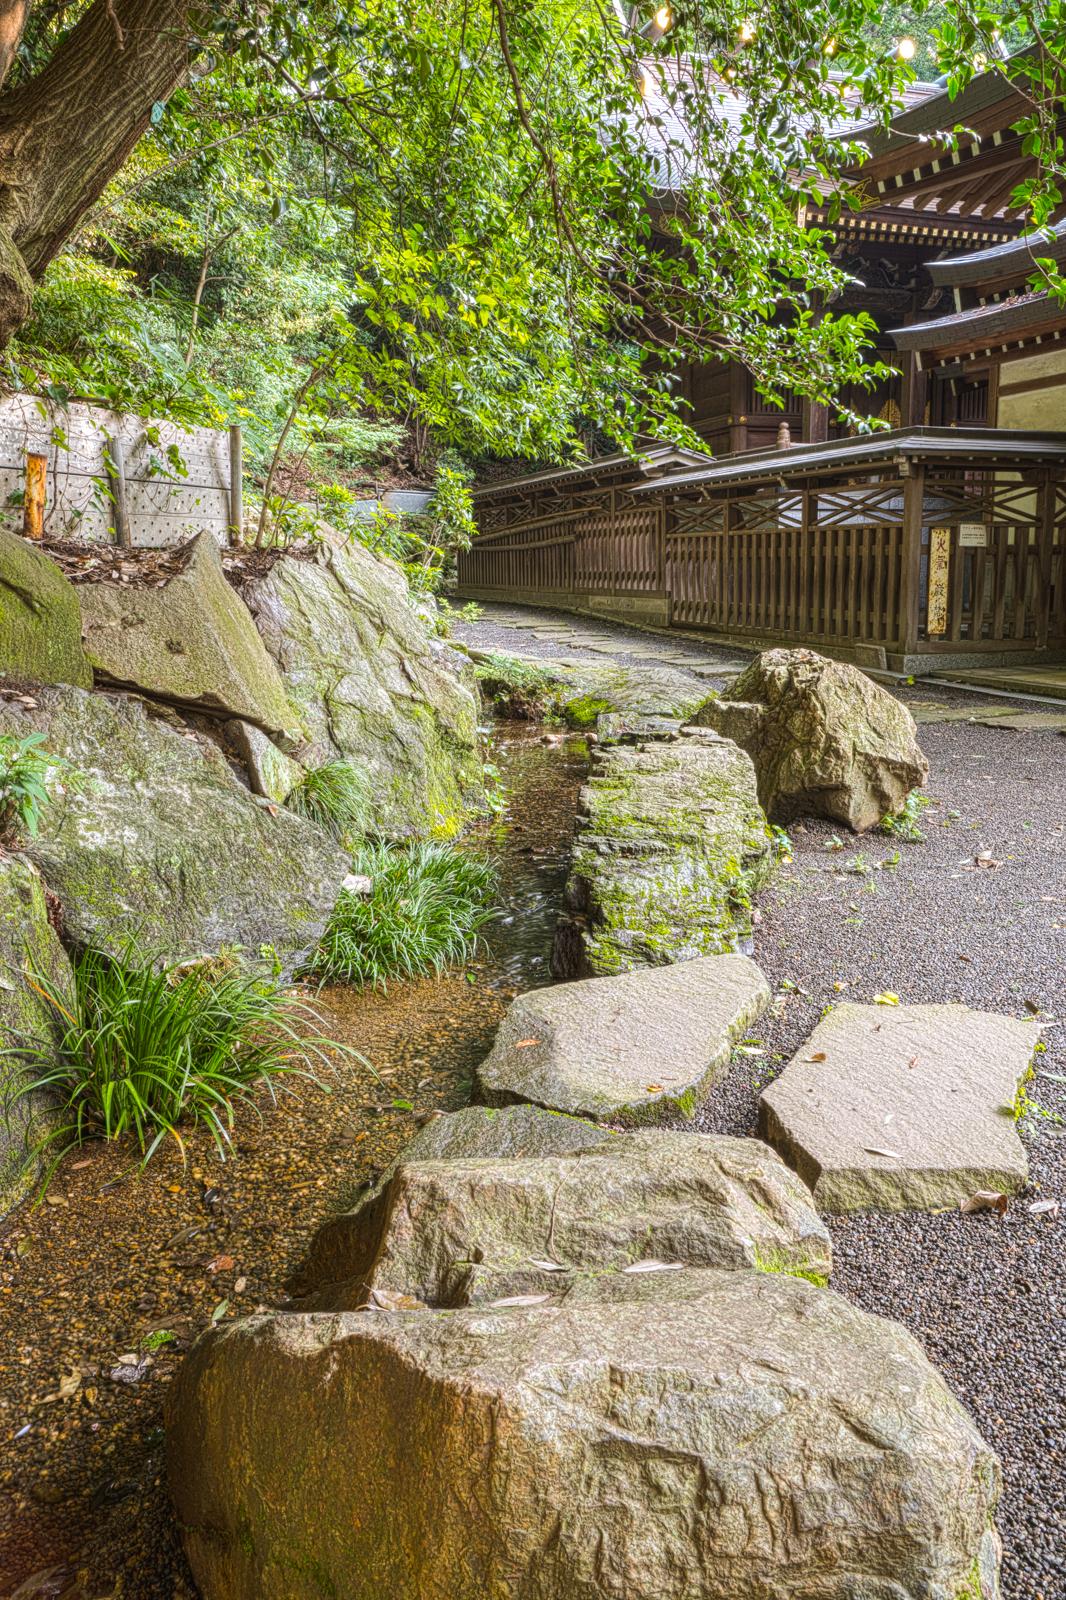 貫井神社の玉垣と湧水の水路の写真